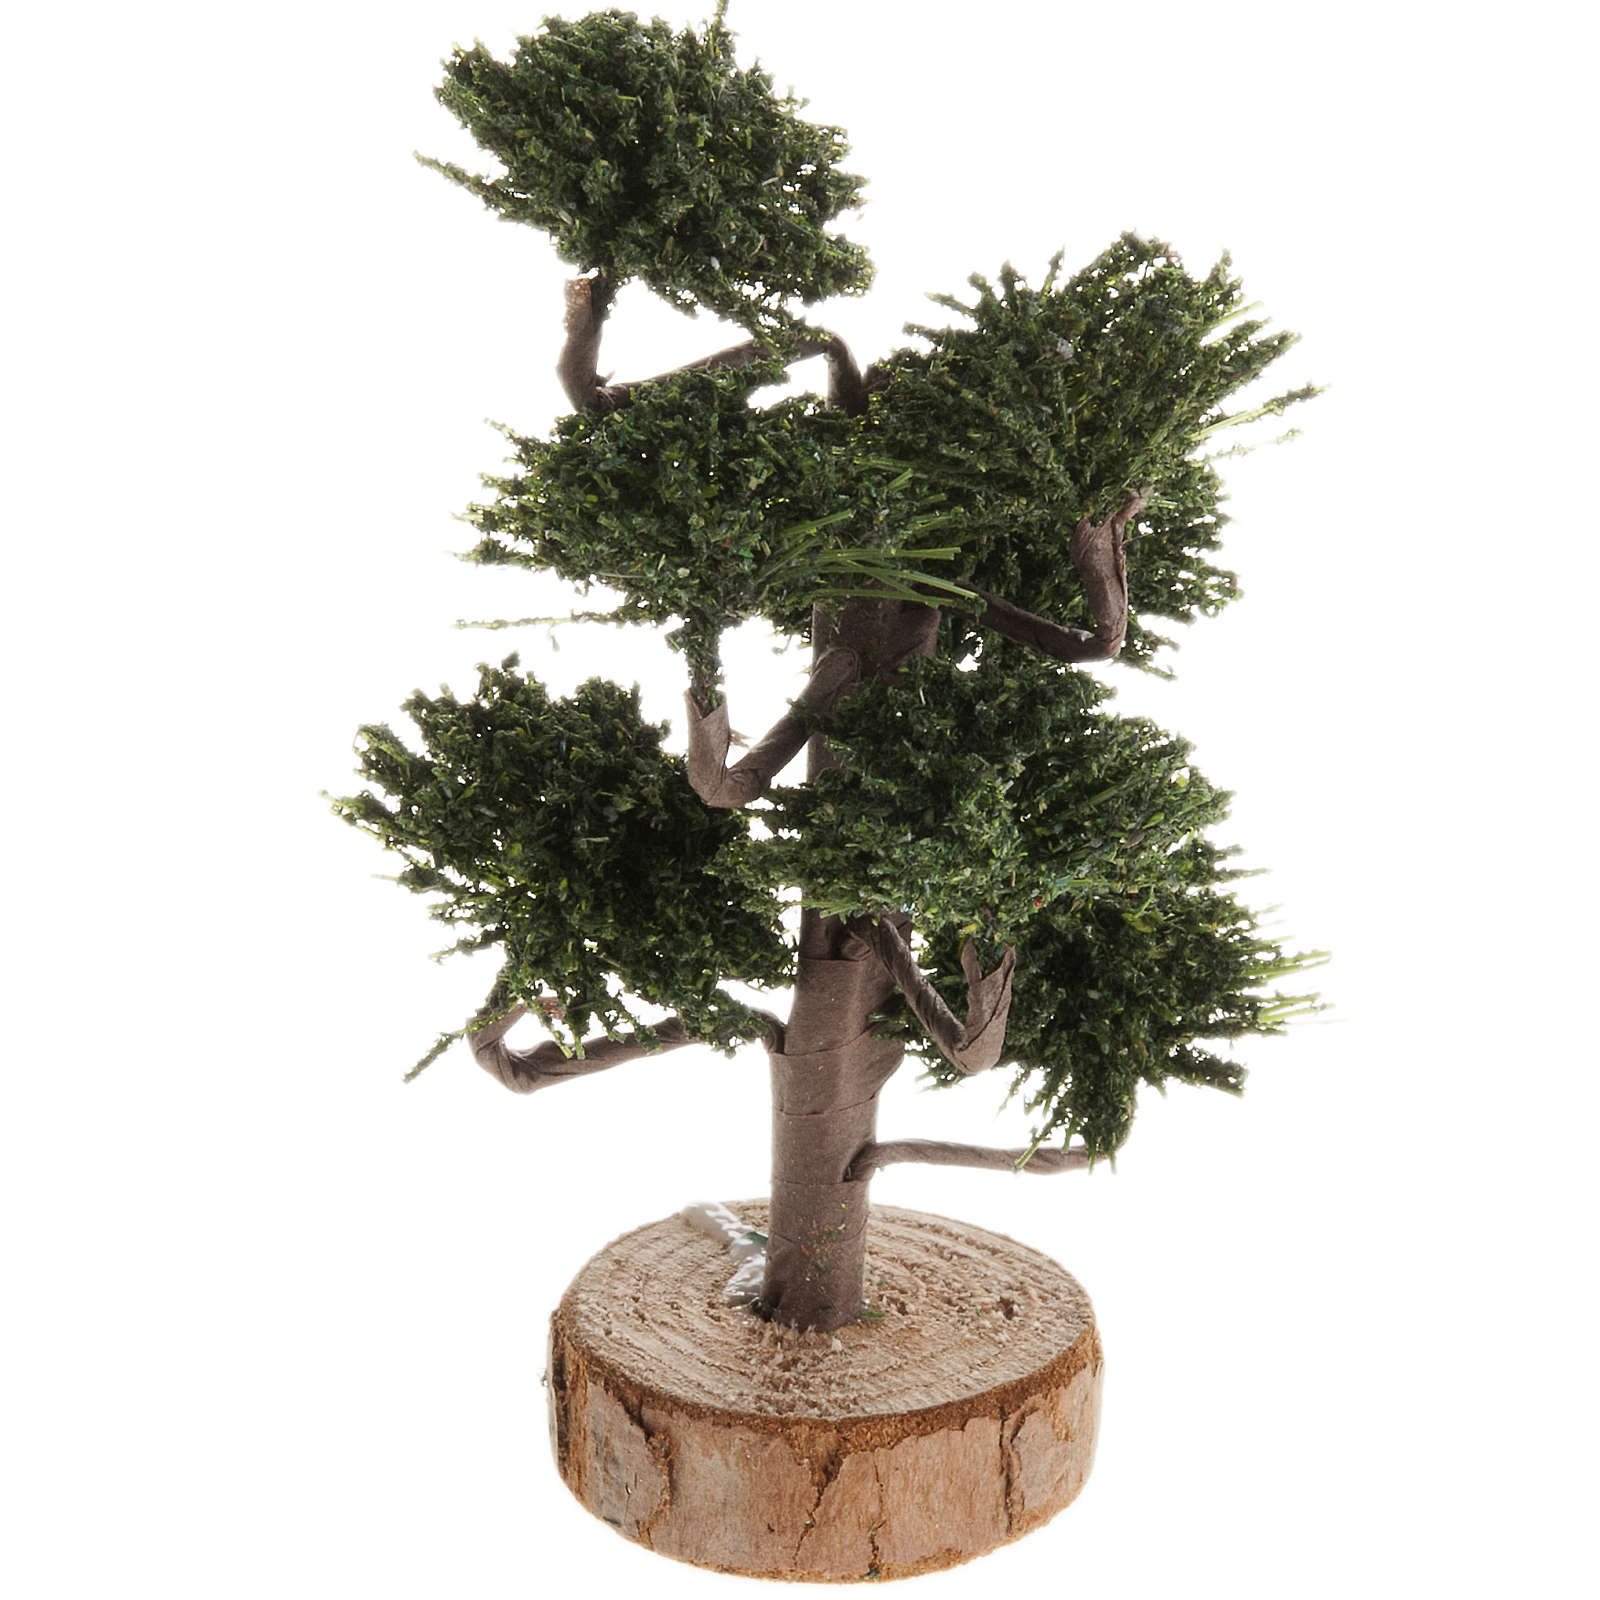 Drzewko do szopki 12 cm 4